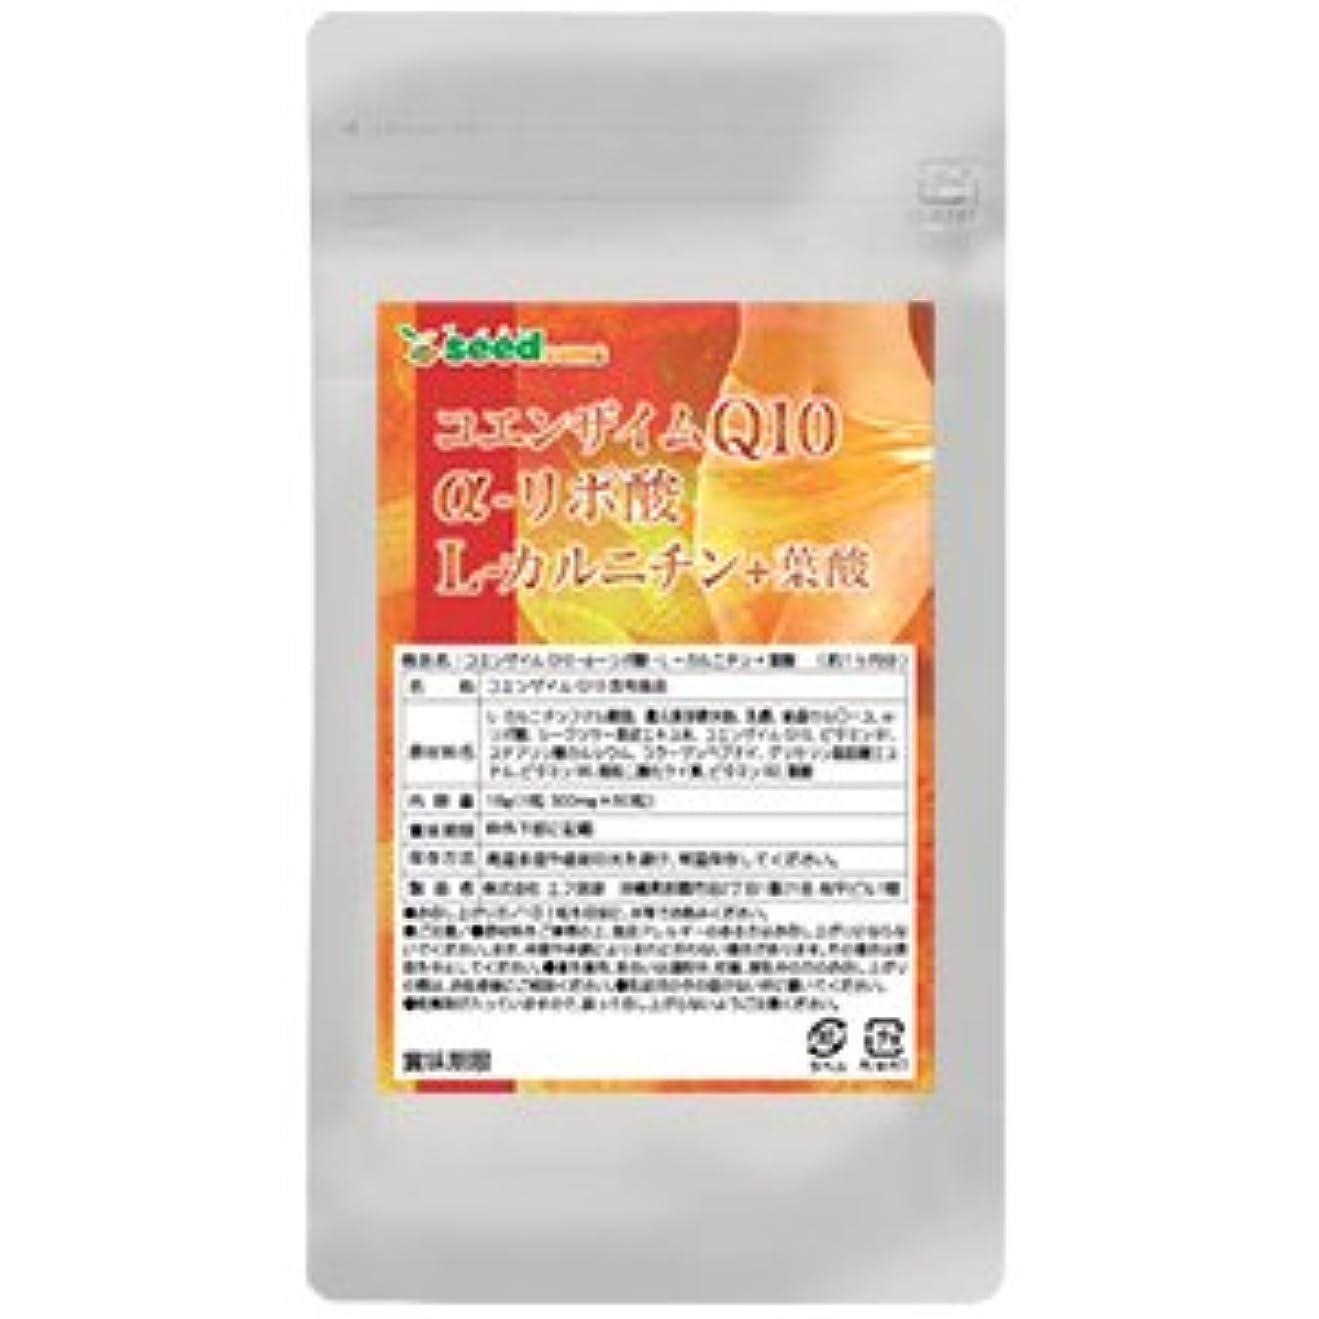 拍車禁輸累積コエンザイムQ10 α-リポ酸 L-カルニチン + 葉酸 (約3ヶ月分/180粒) シークワーサーエキス配合